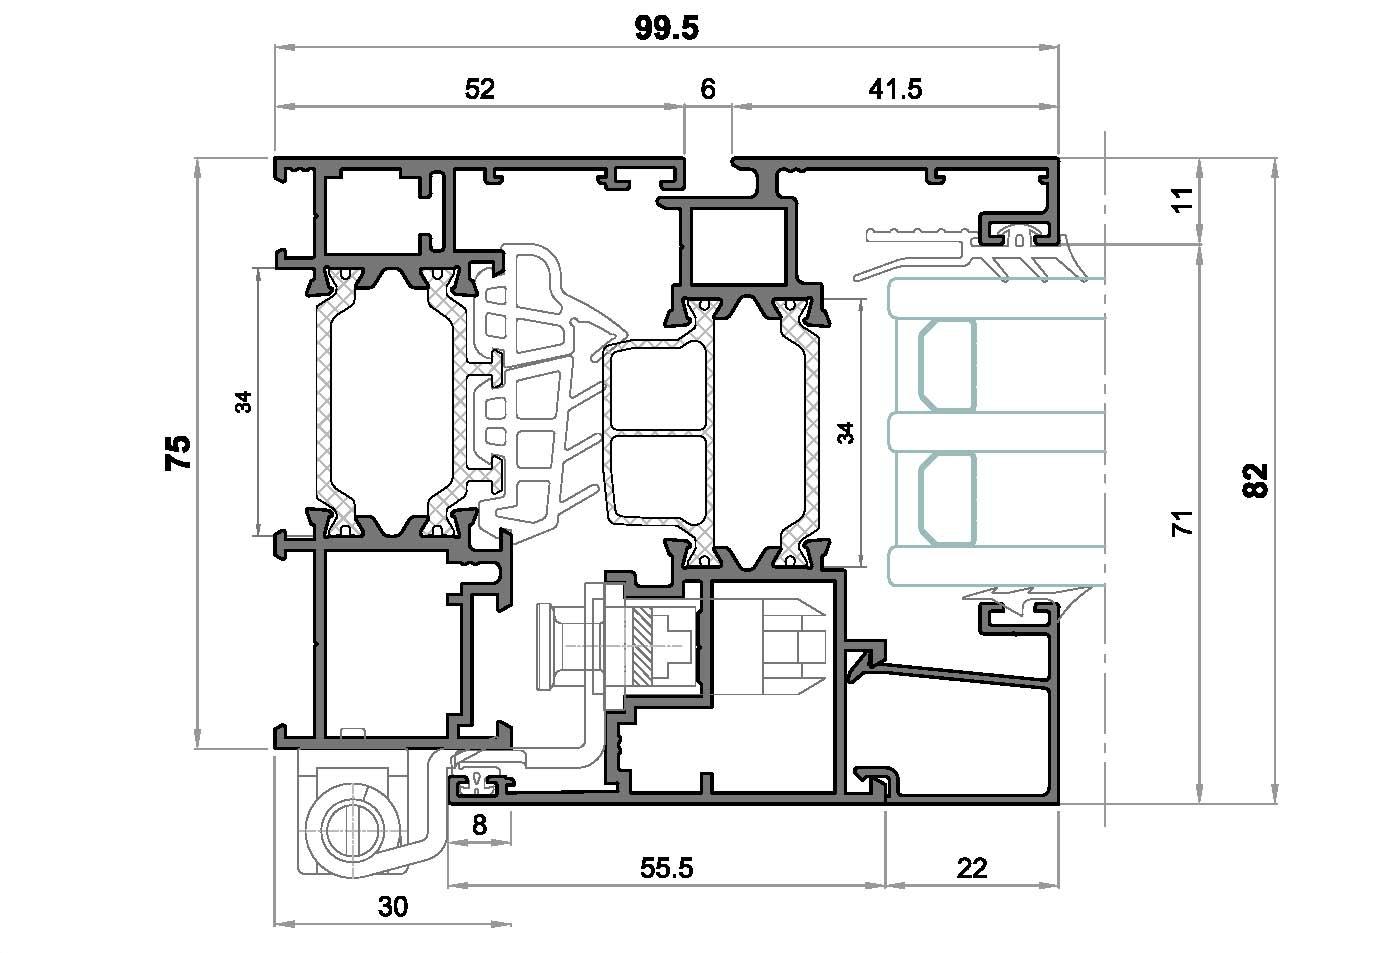 alg 75 C16-Seccion lateral ventana